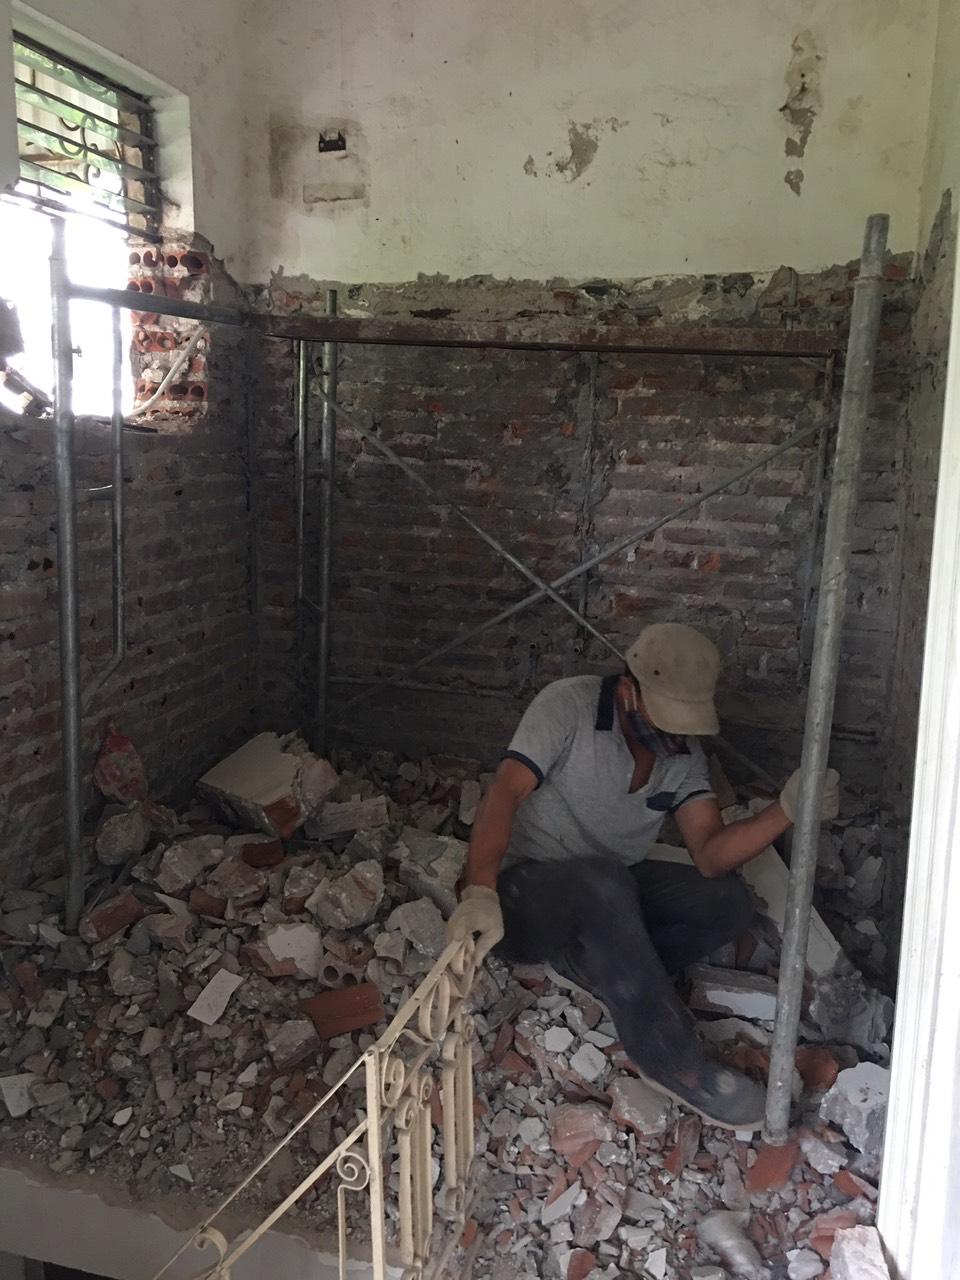 Phá dỡ tường gạch tại chỗ